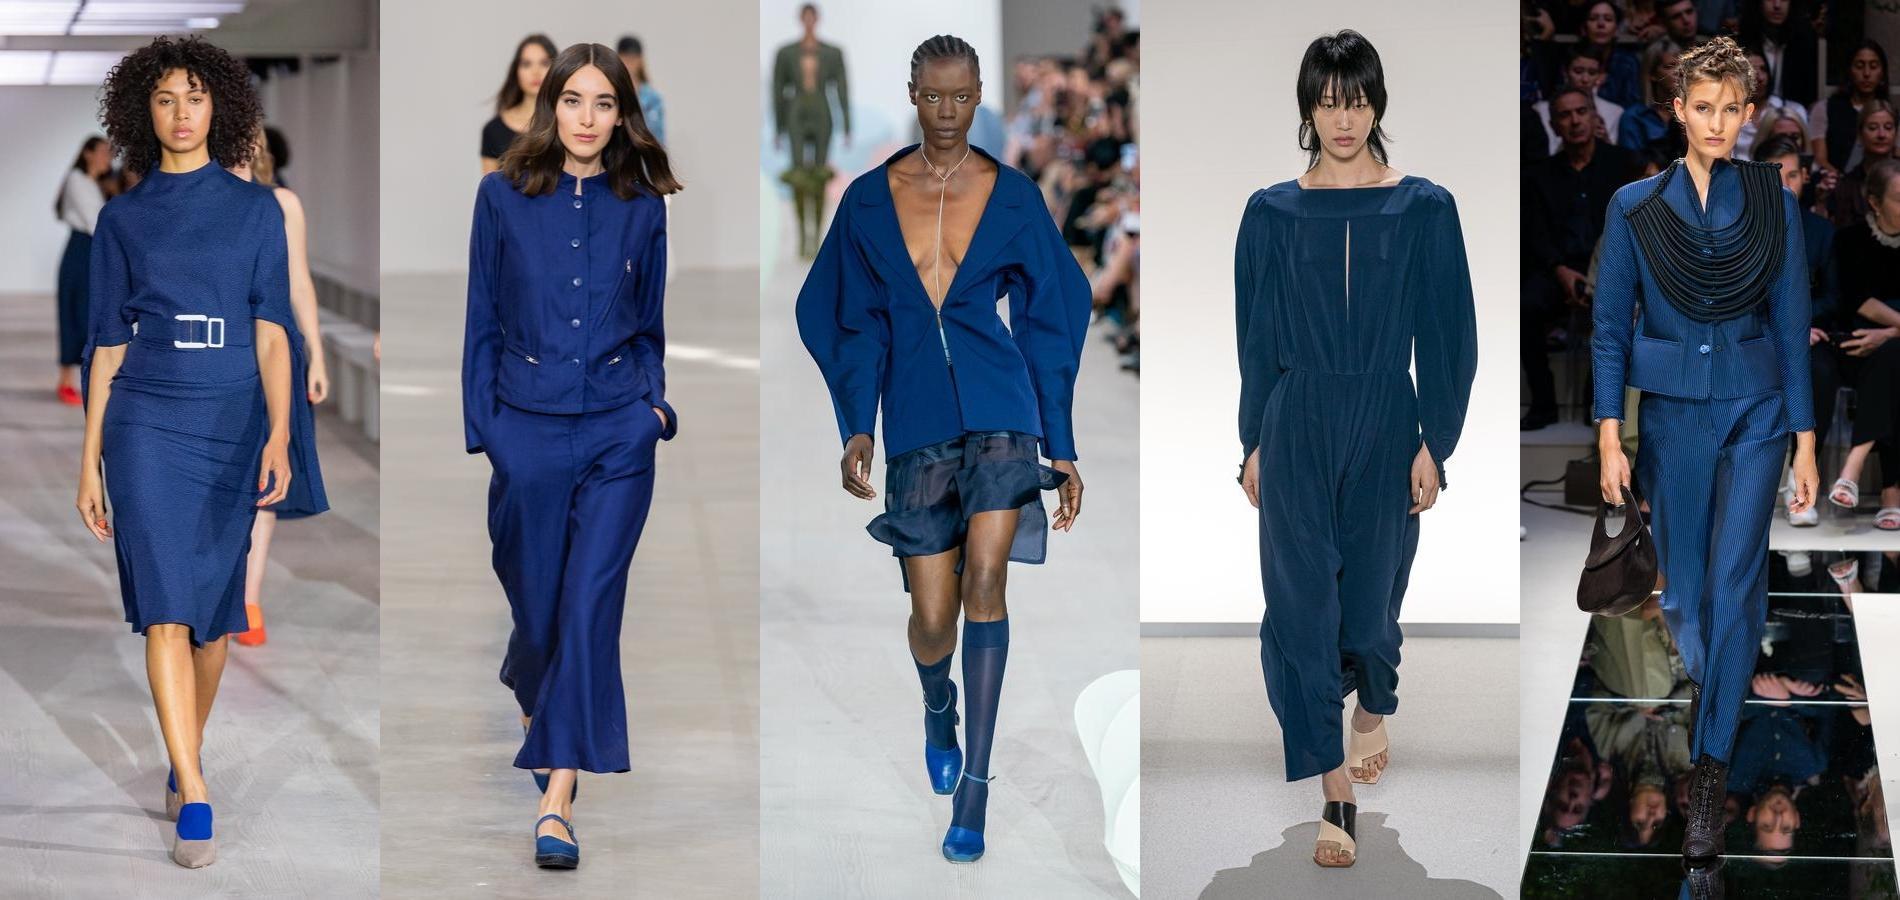 Couleur Pantone De L Année 2017 classic blue, l'apaisante couleur de l'année 2020 selon